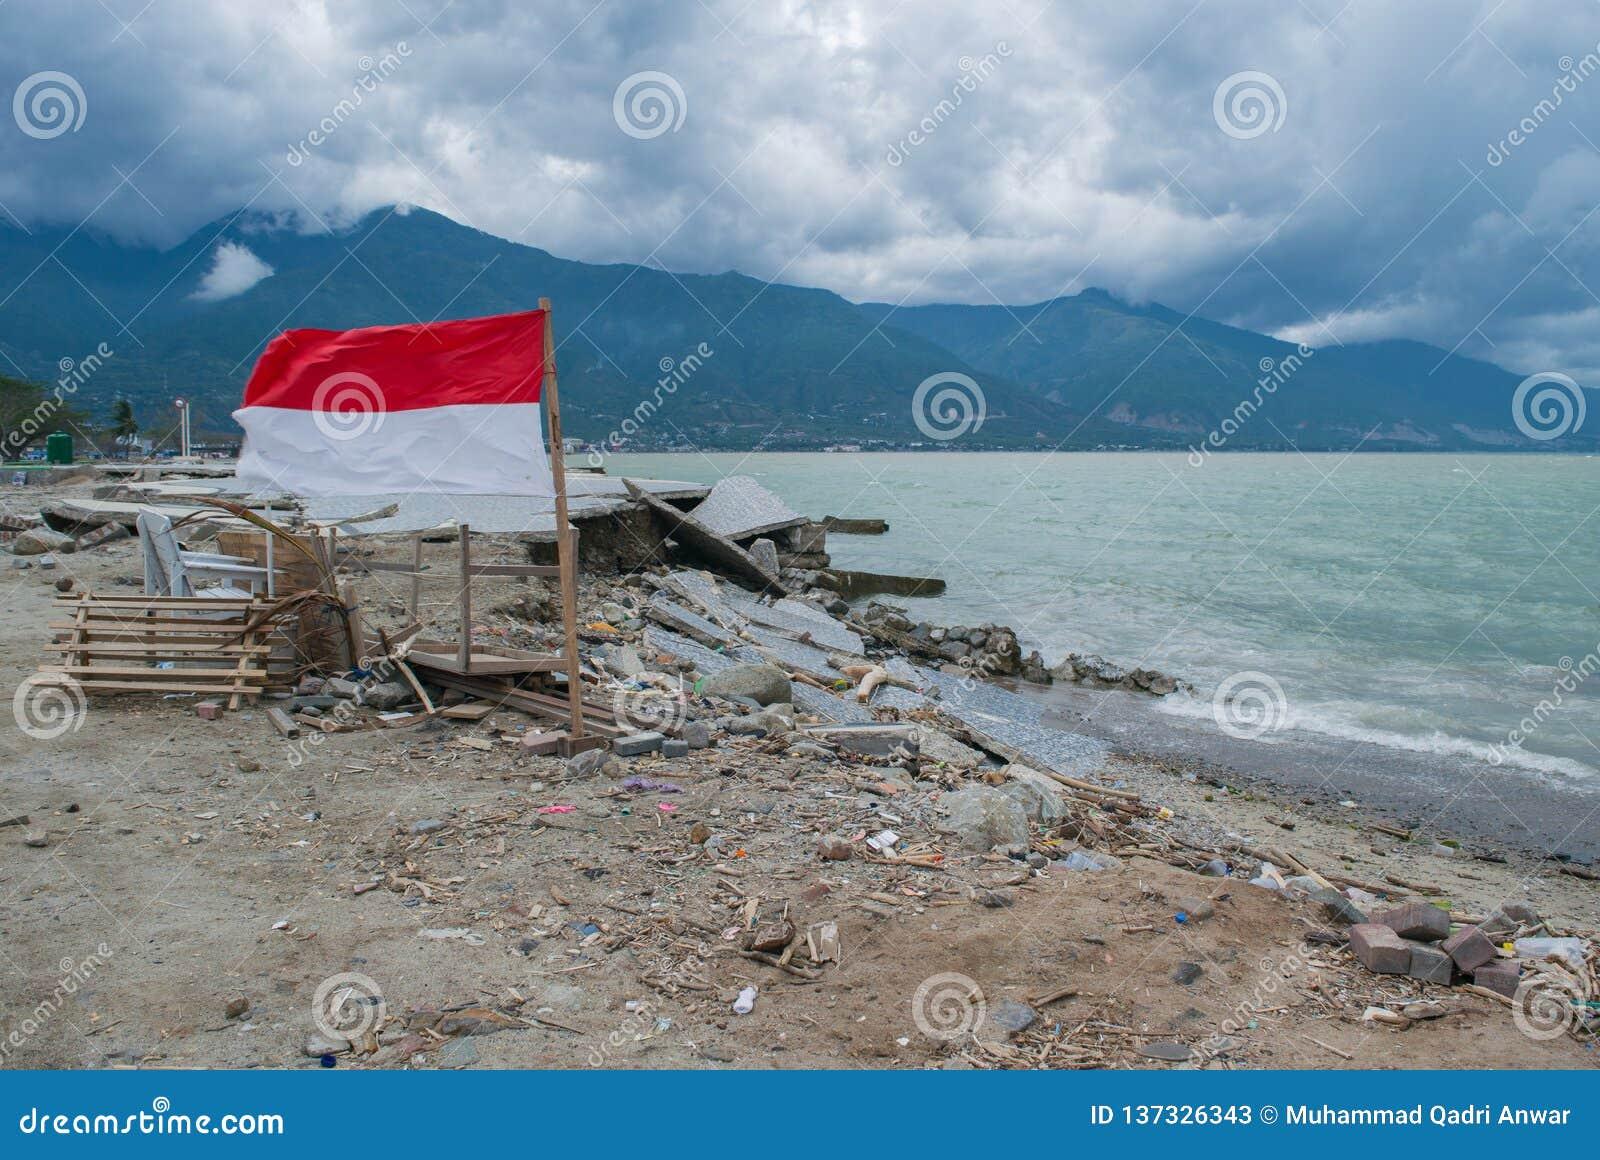 Destructivo en la playa de Talise después tsunami golpe Palu On del 28 de septiembre de 2018